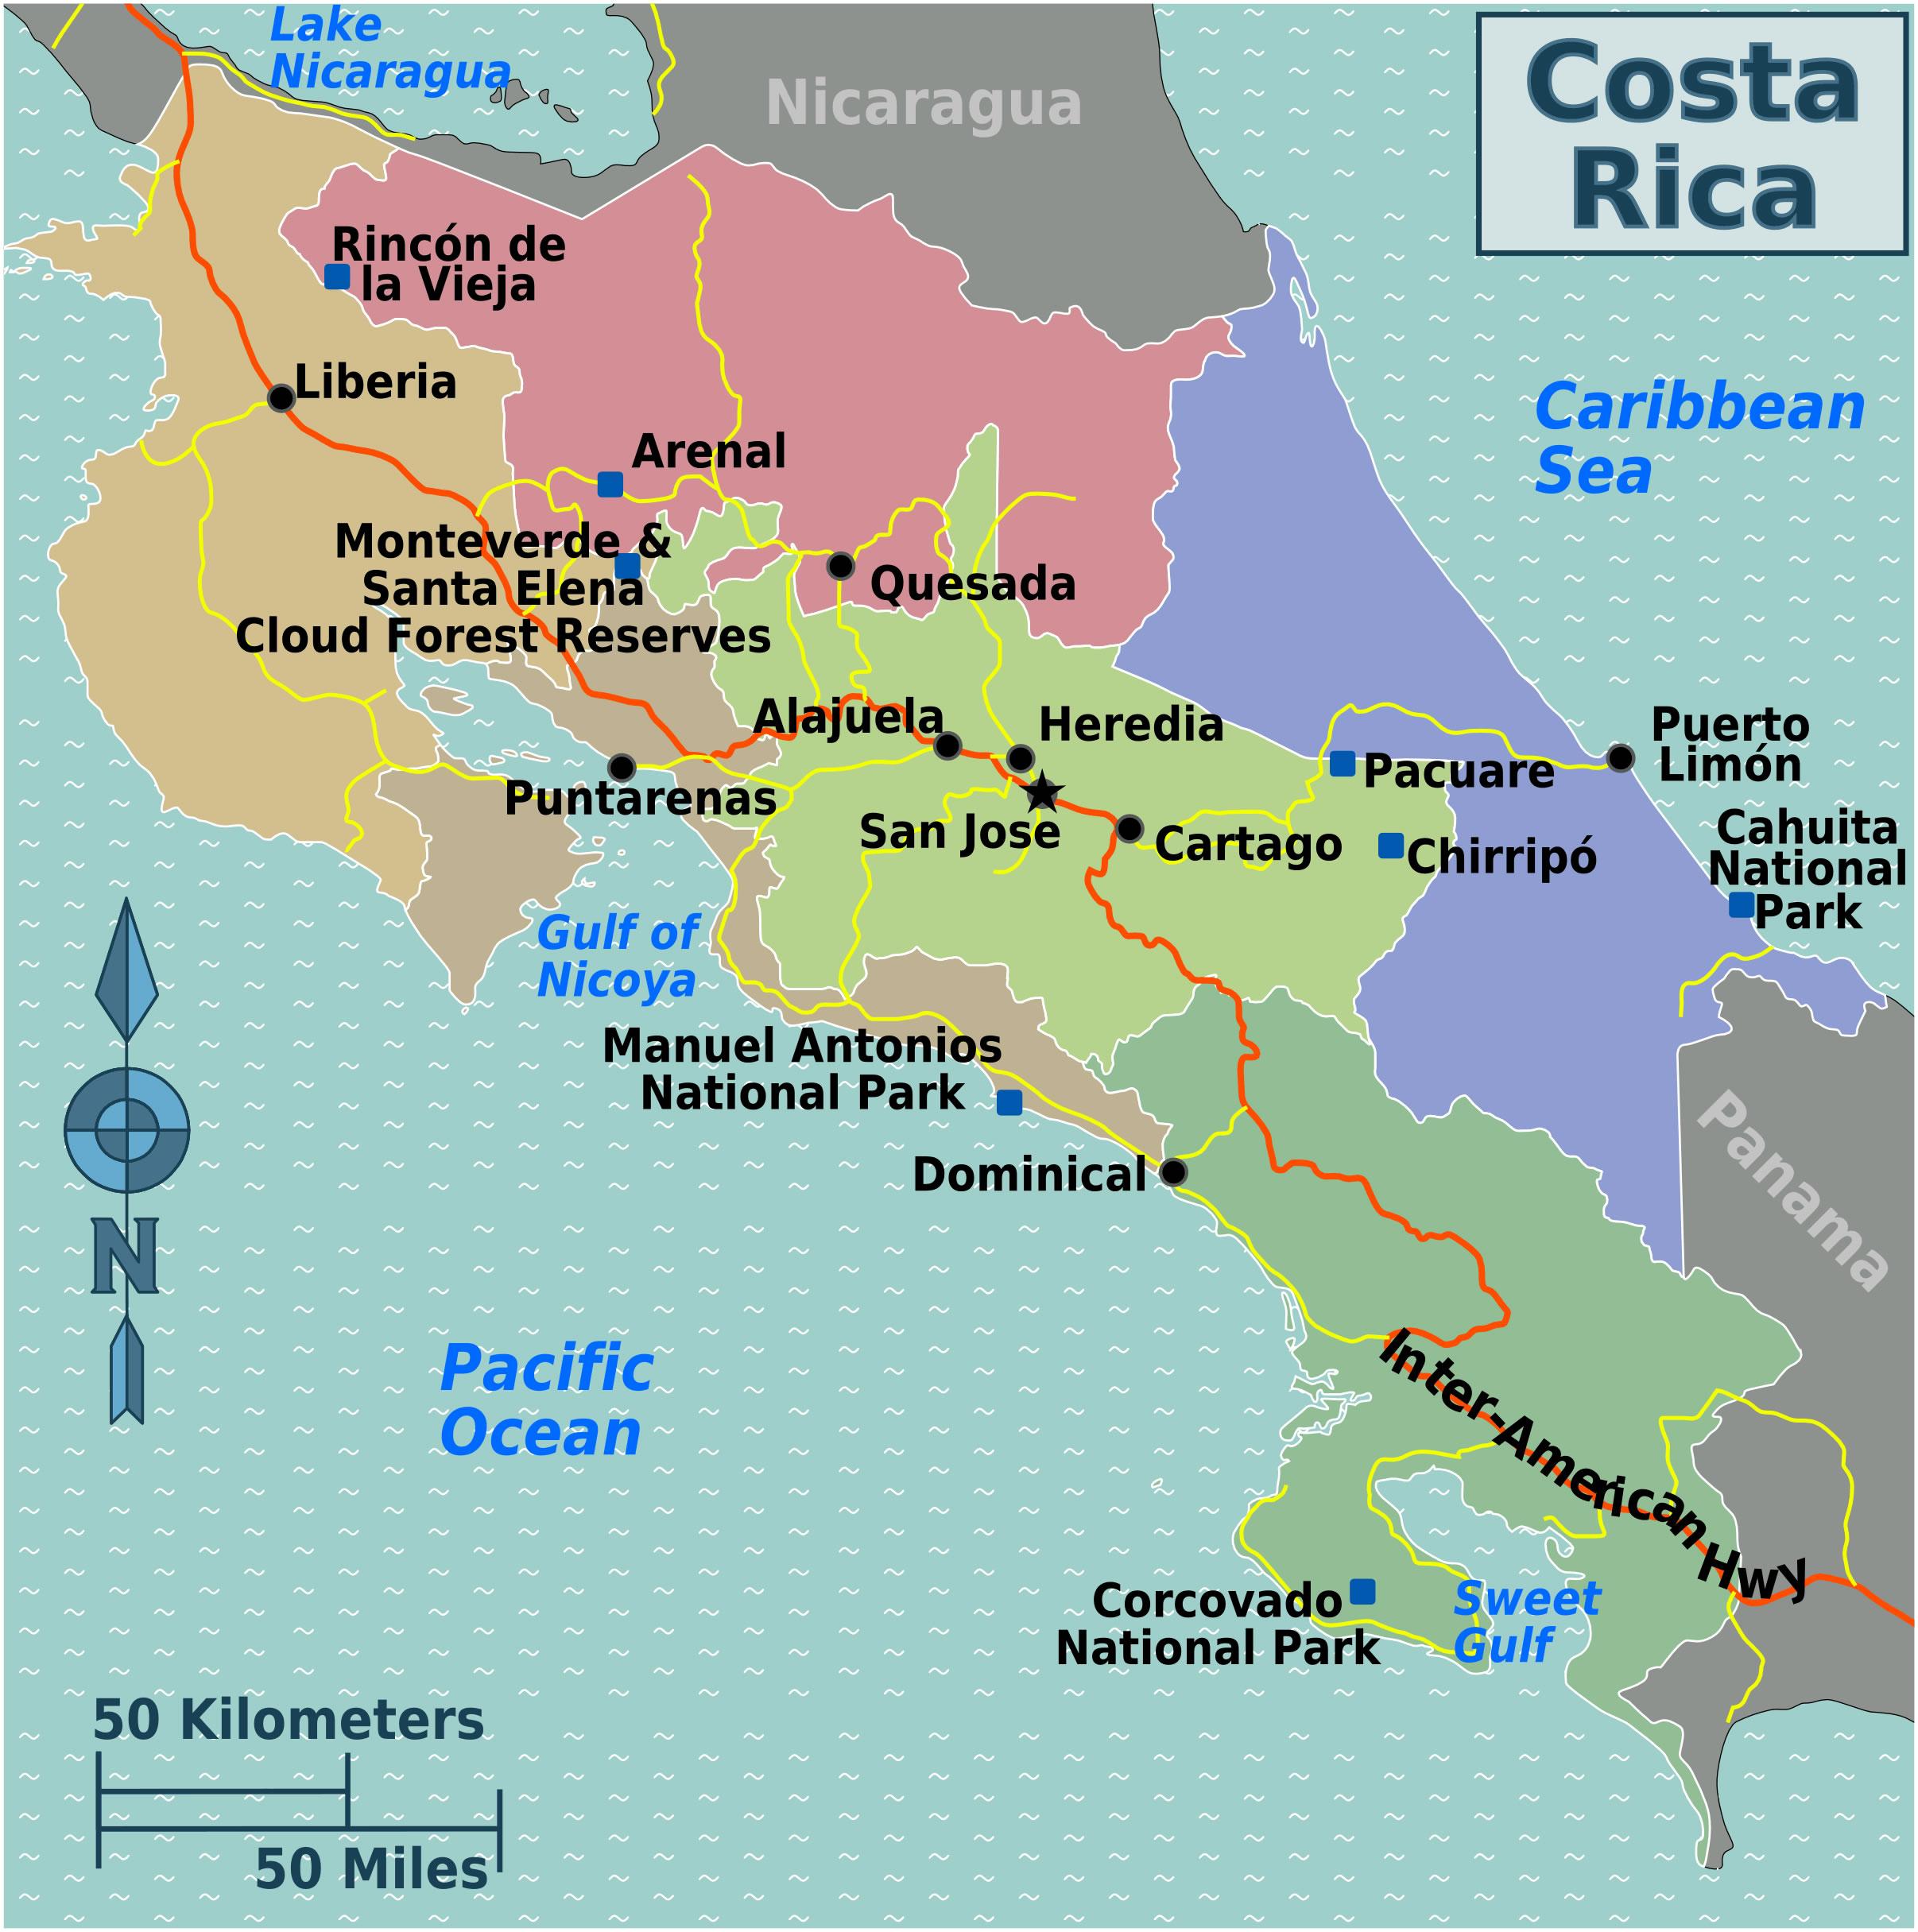 Carte régions Costa Rica, Carte des régions de Costa Rica